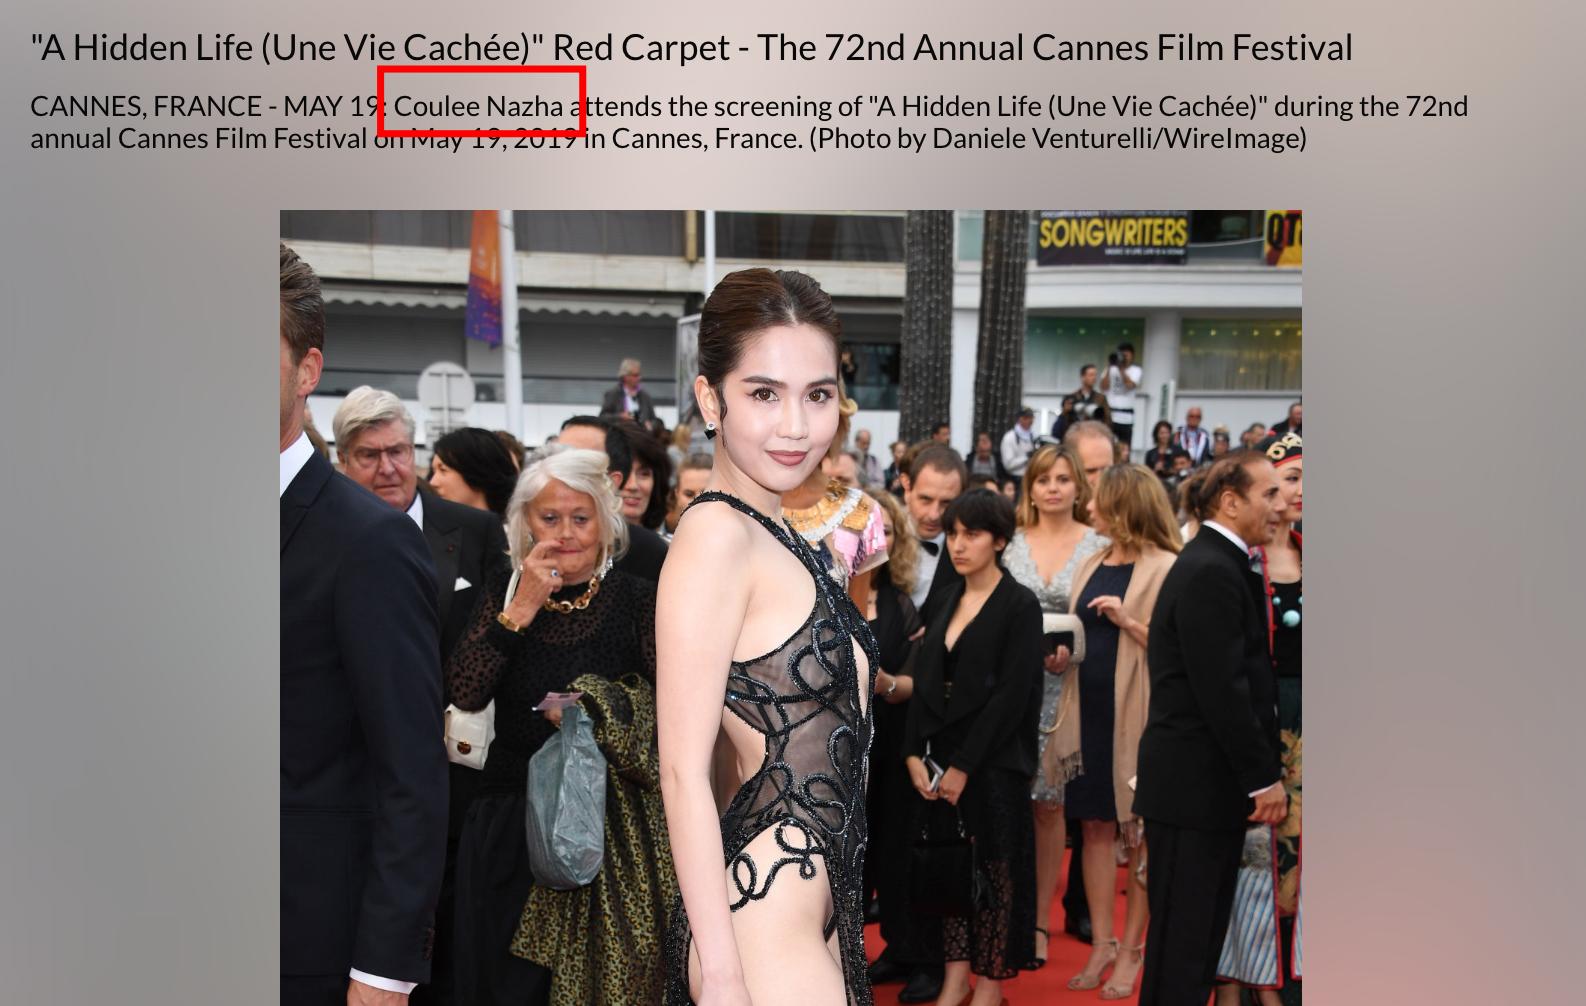 """Ngọc Trinh """"mặc như không mặc"""" đánh sập LHP Cannes và biểu cảm """"khó đỡ"""" của các bô lão khiến dân mạng """"cười bò"""""""